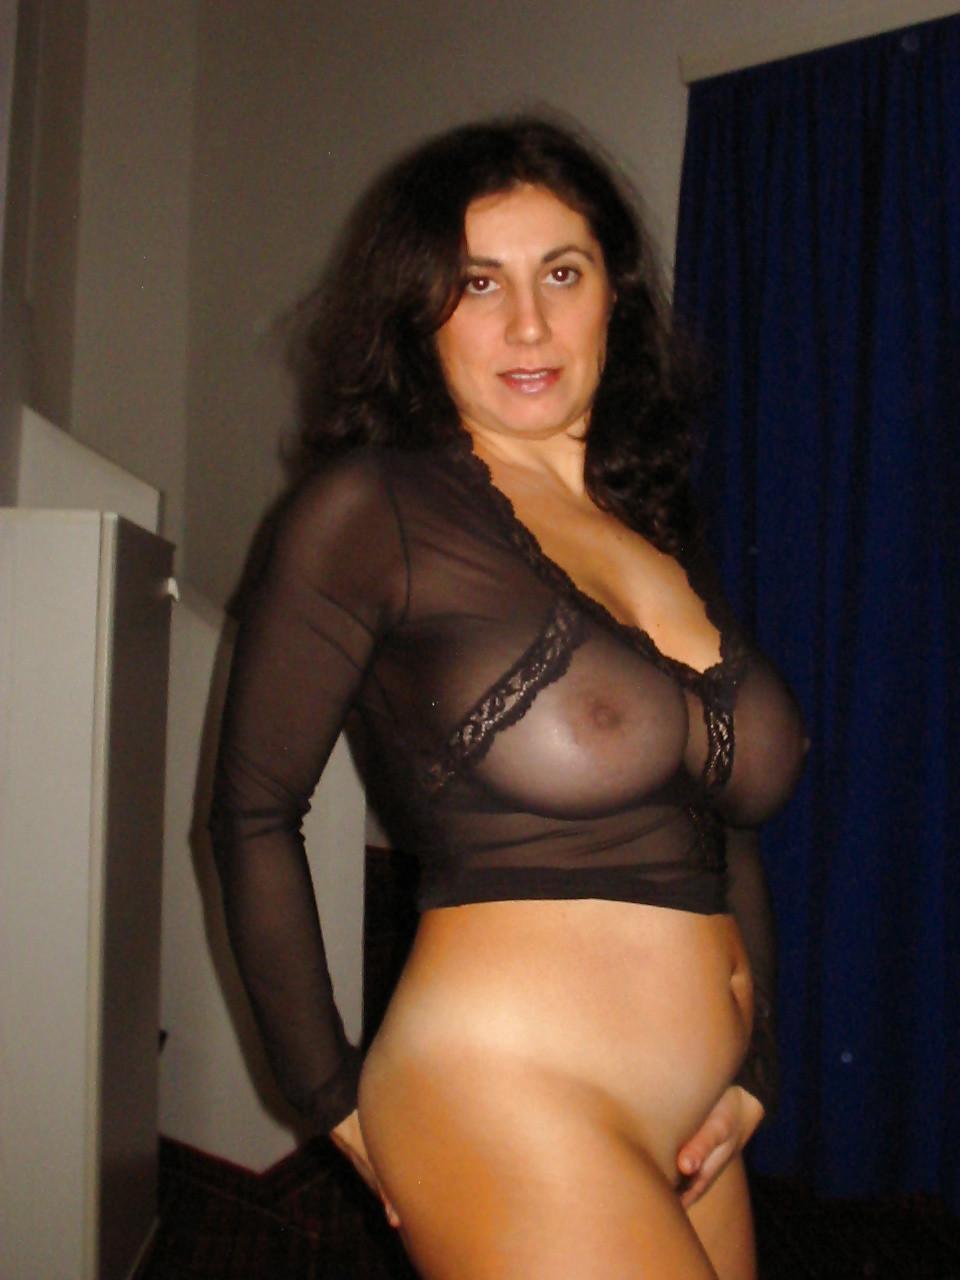 Sexy mature new jersey style woman stock photo